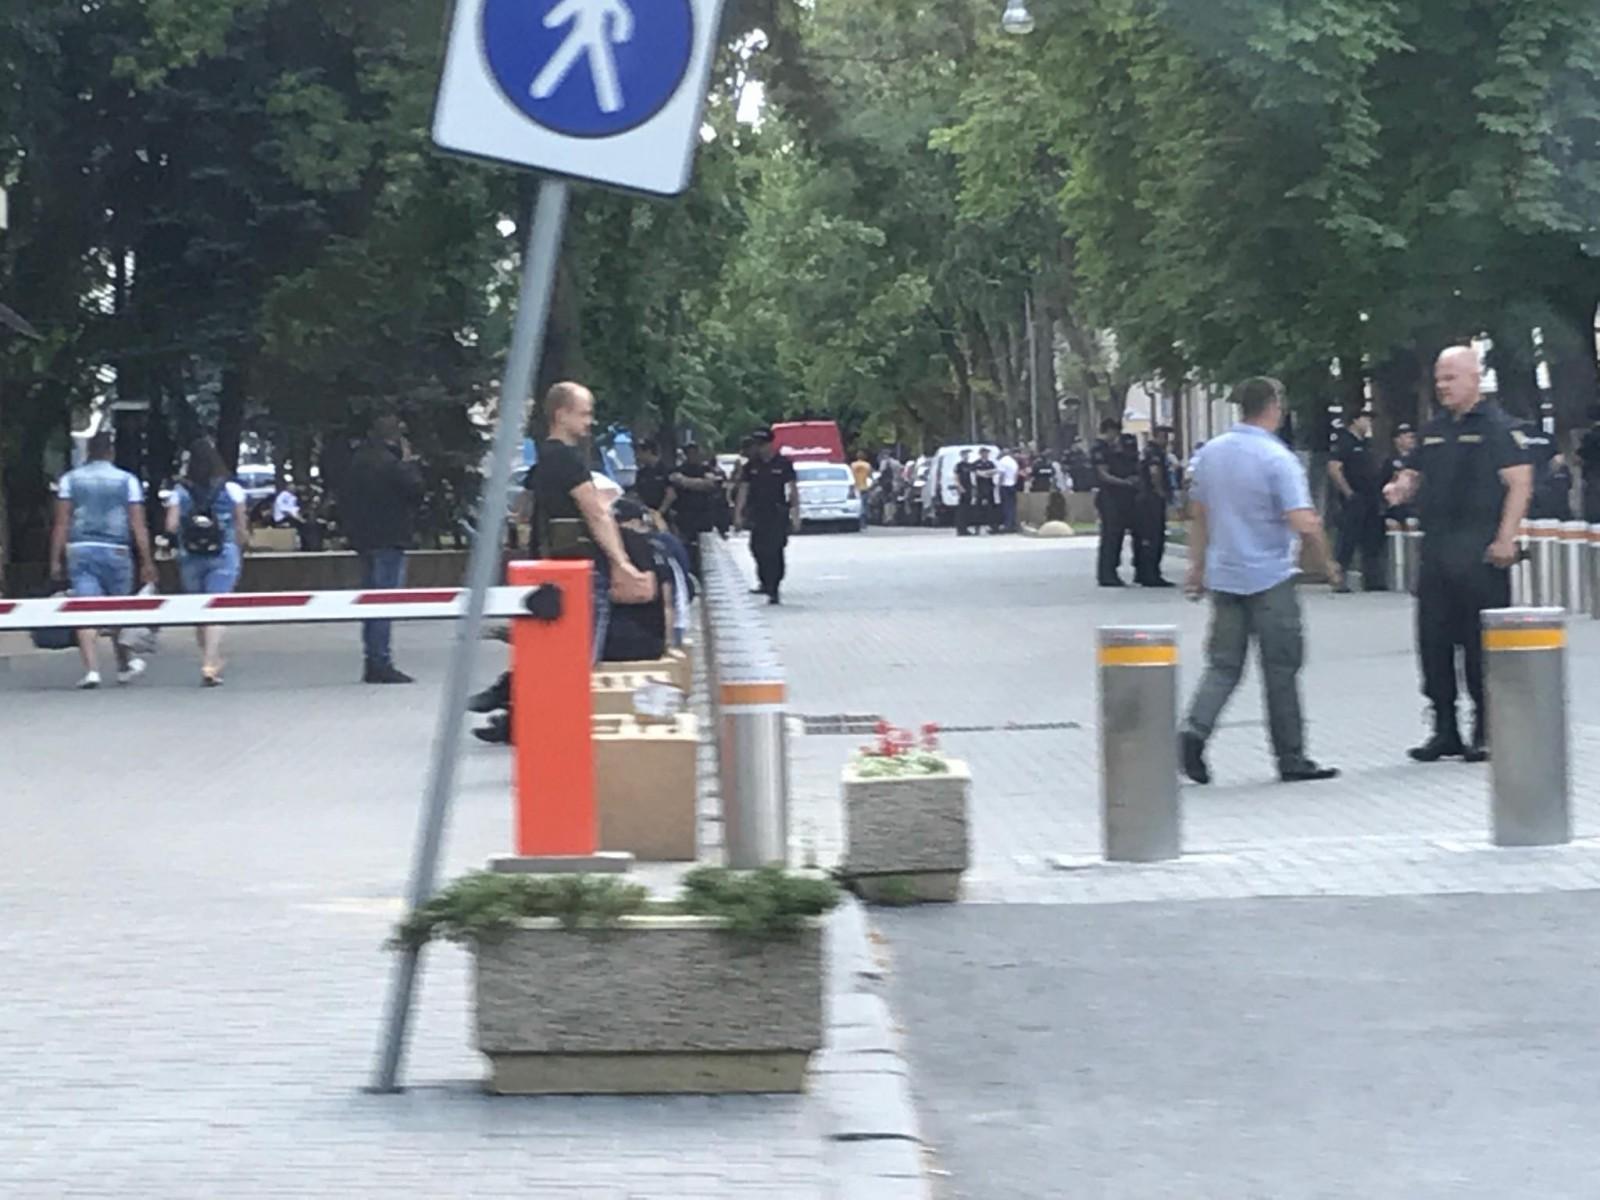 (foto) Casa liderului PD s-a transformat într-un Inspectorat de Poliție? Mai mulți polițiști, văzuți după încheierea protestului